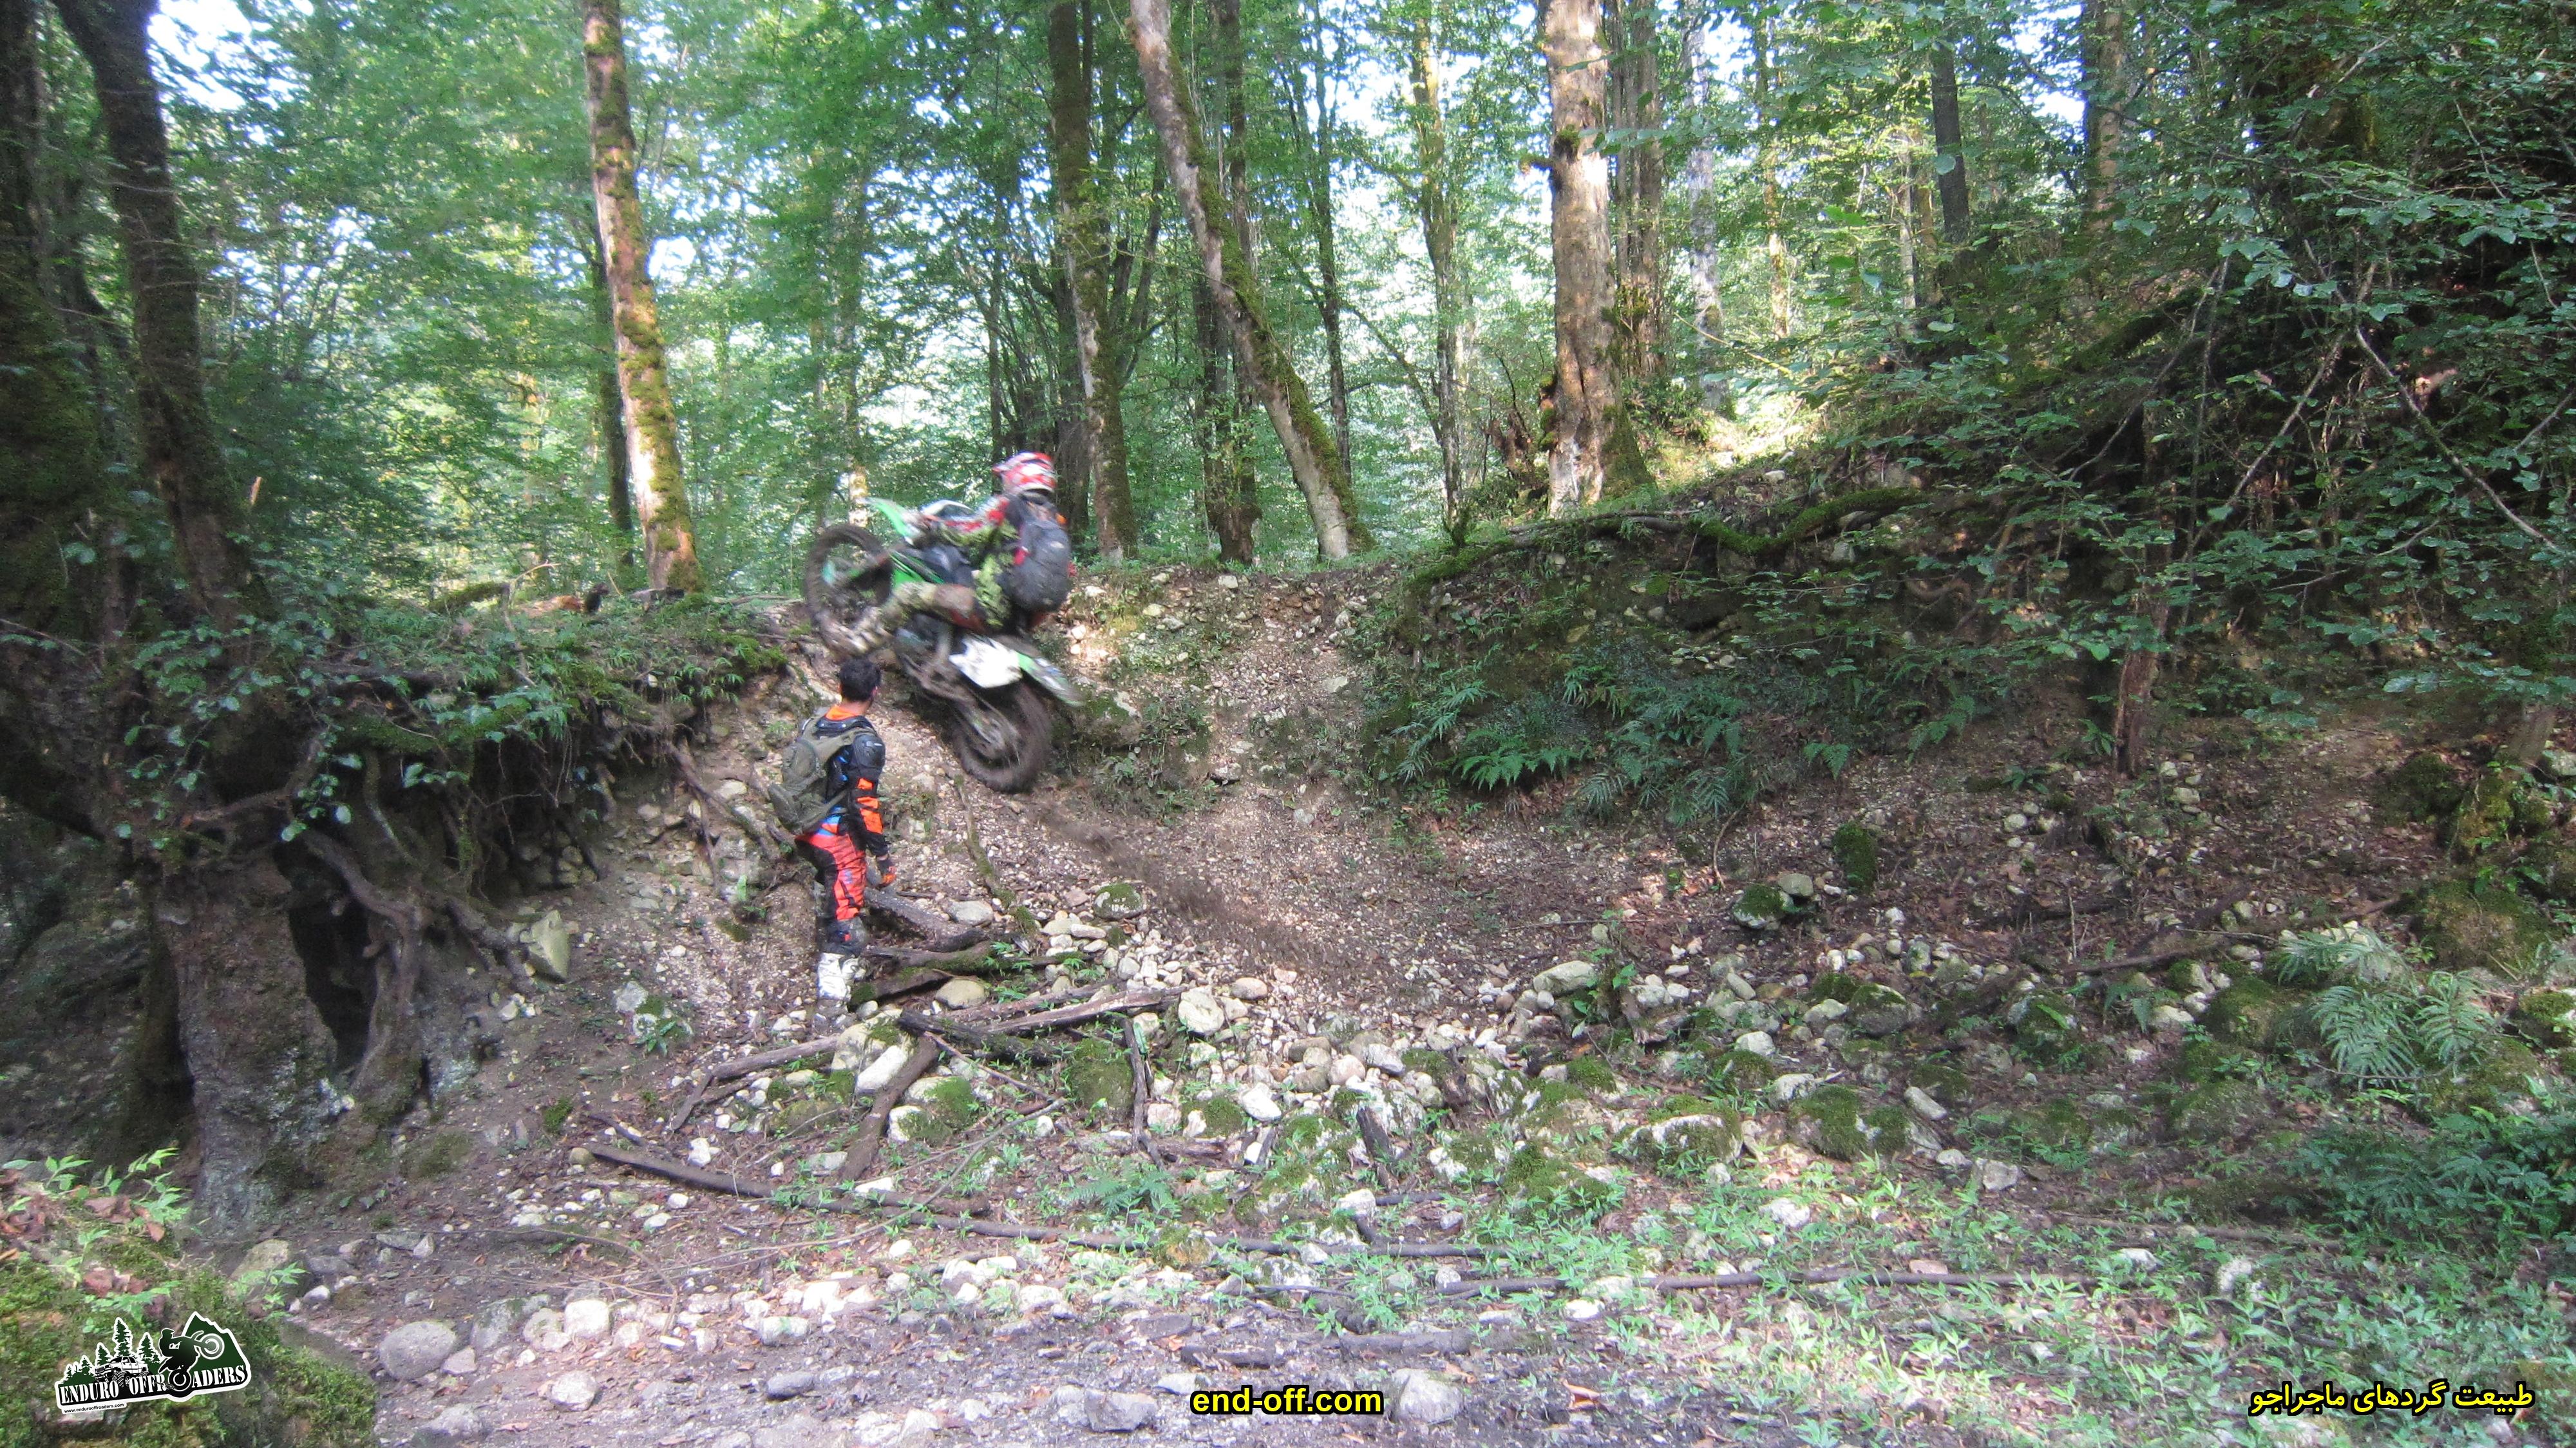 موتورسواری لذت بخش در منطقه گت کلا تا دیوا و جنگل شاه زید - تابستان 1399 - 2020